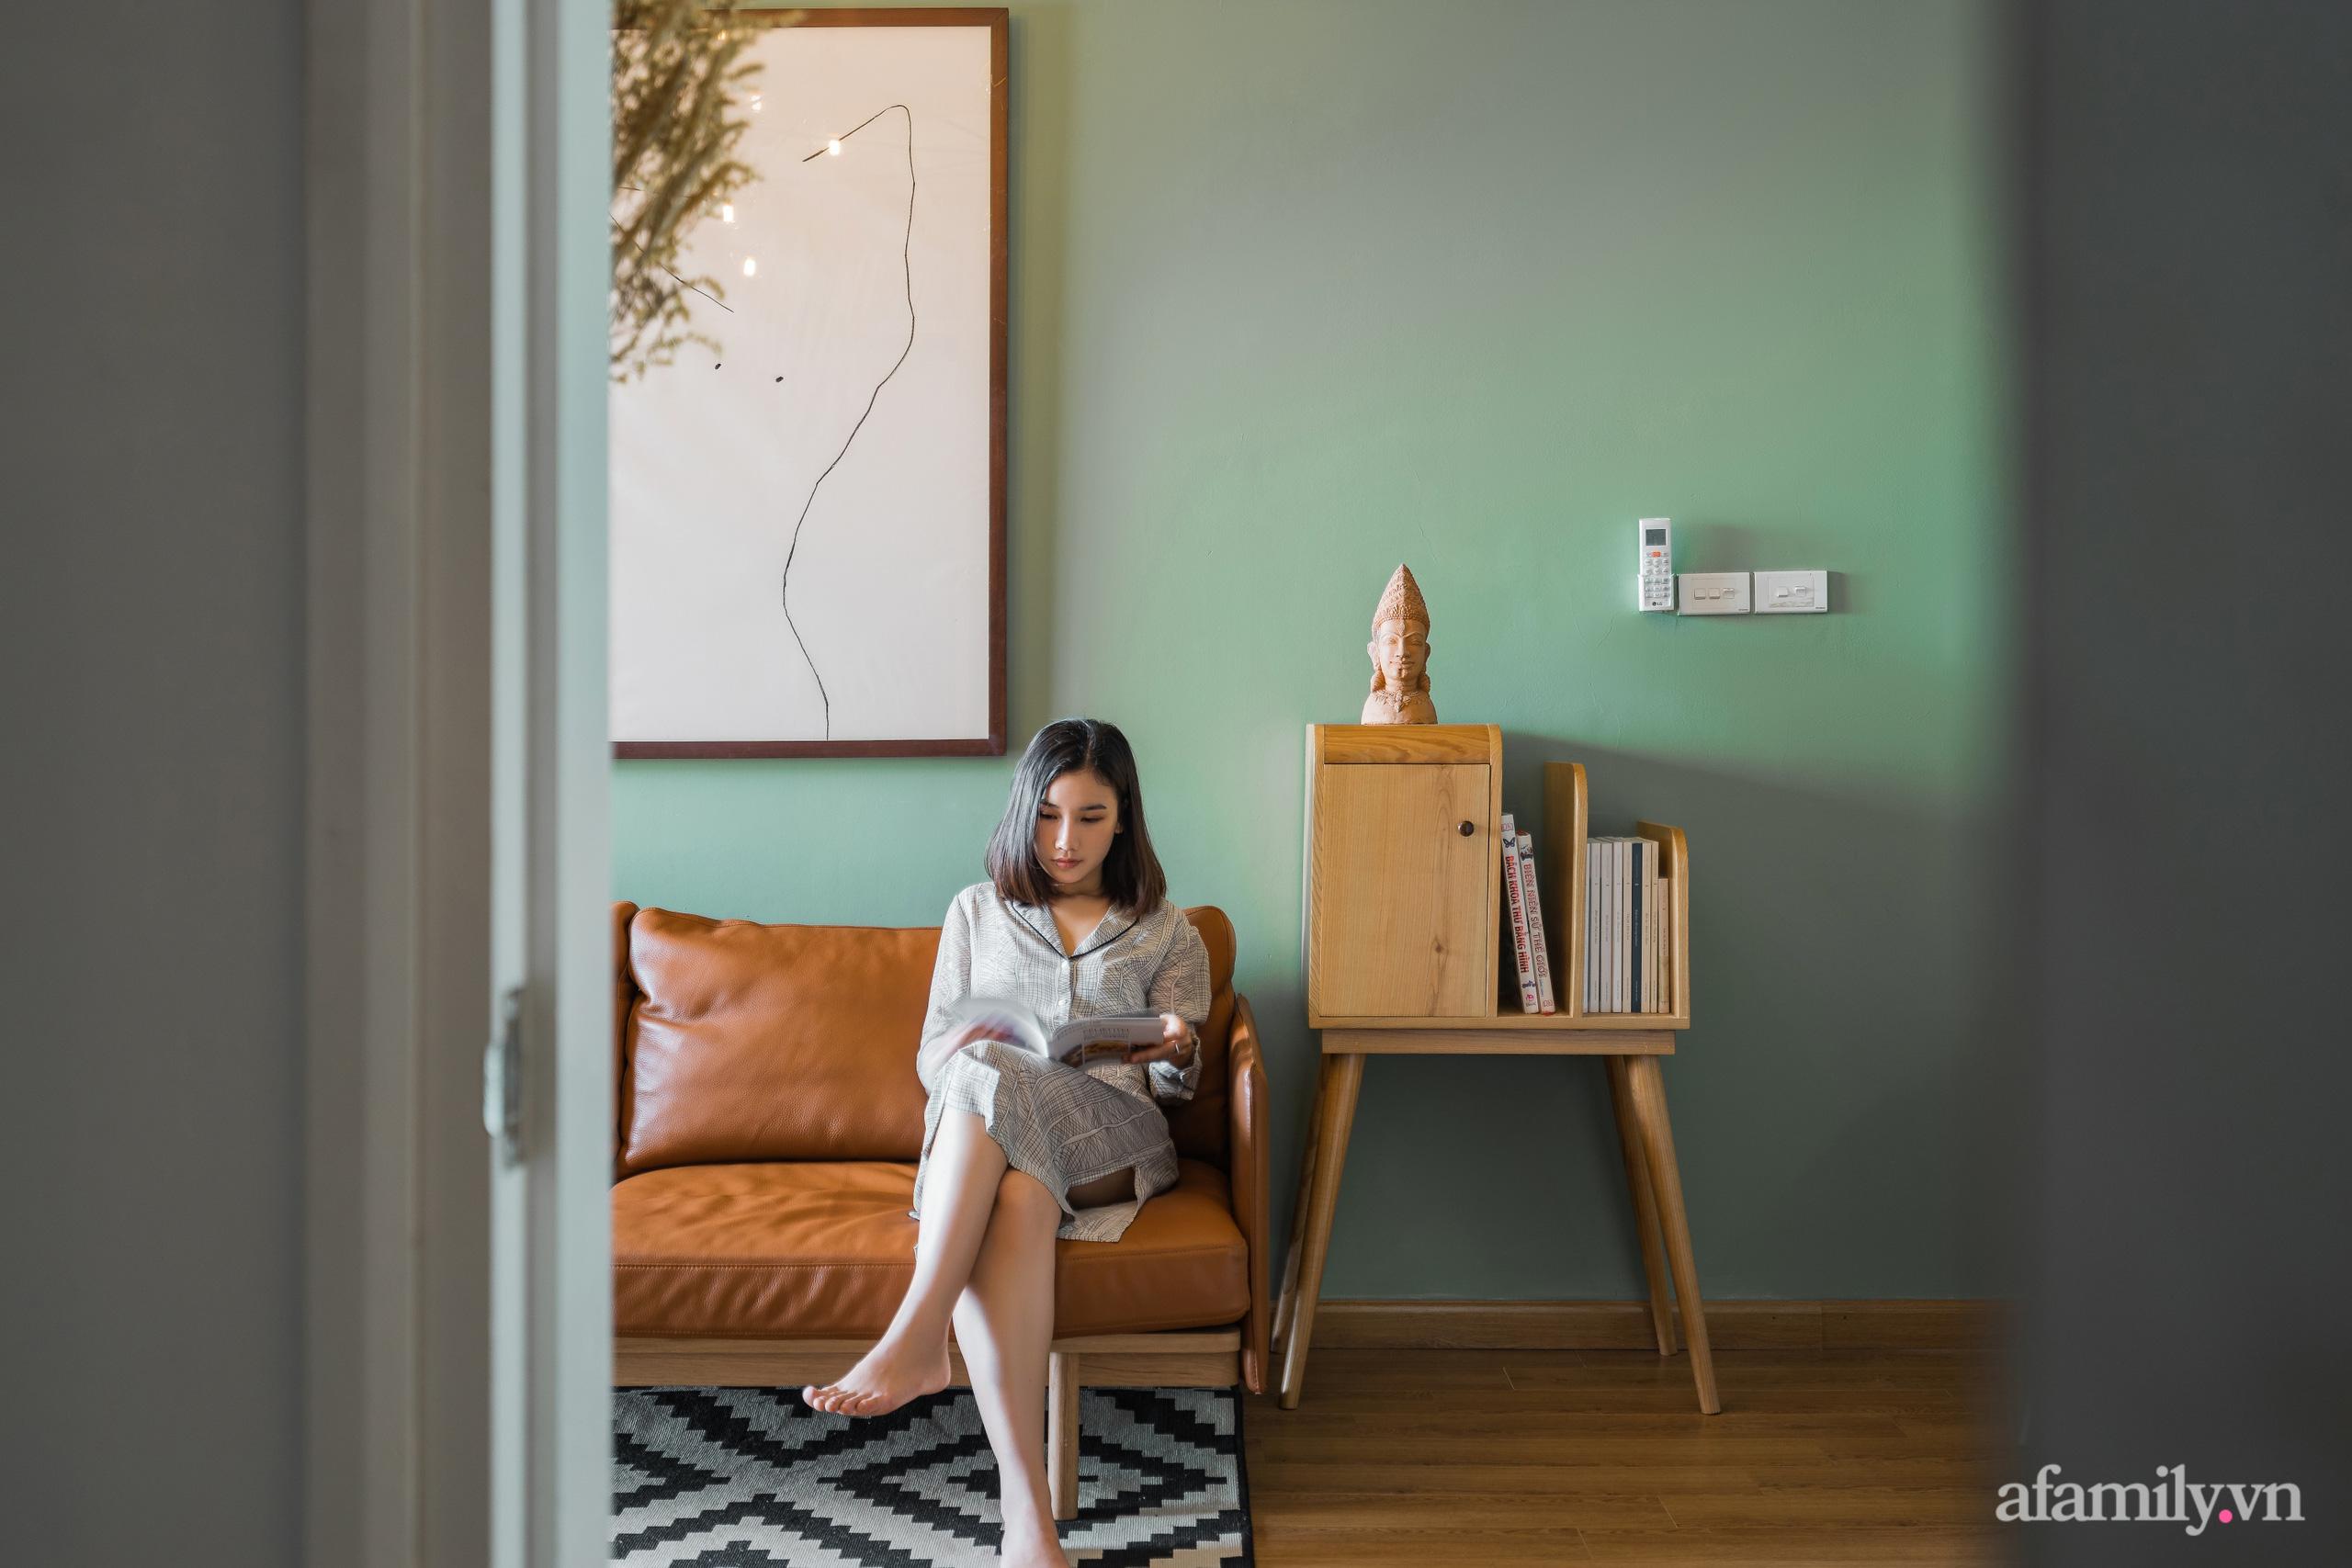 Căn hộ 60m² hoàn thiện nội thất tinh tế dành cho vợ chồng trẻ có chi phí 250 triệu đồng ở Hà Nội - Ảnh 7.